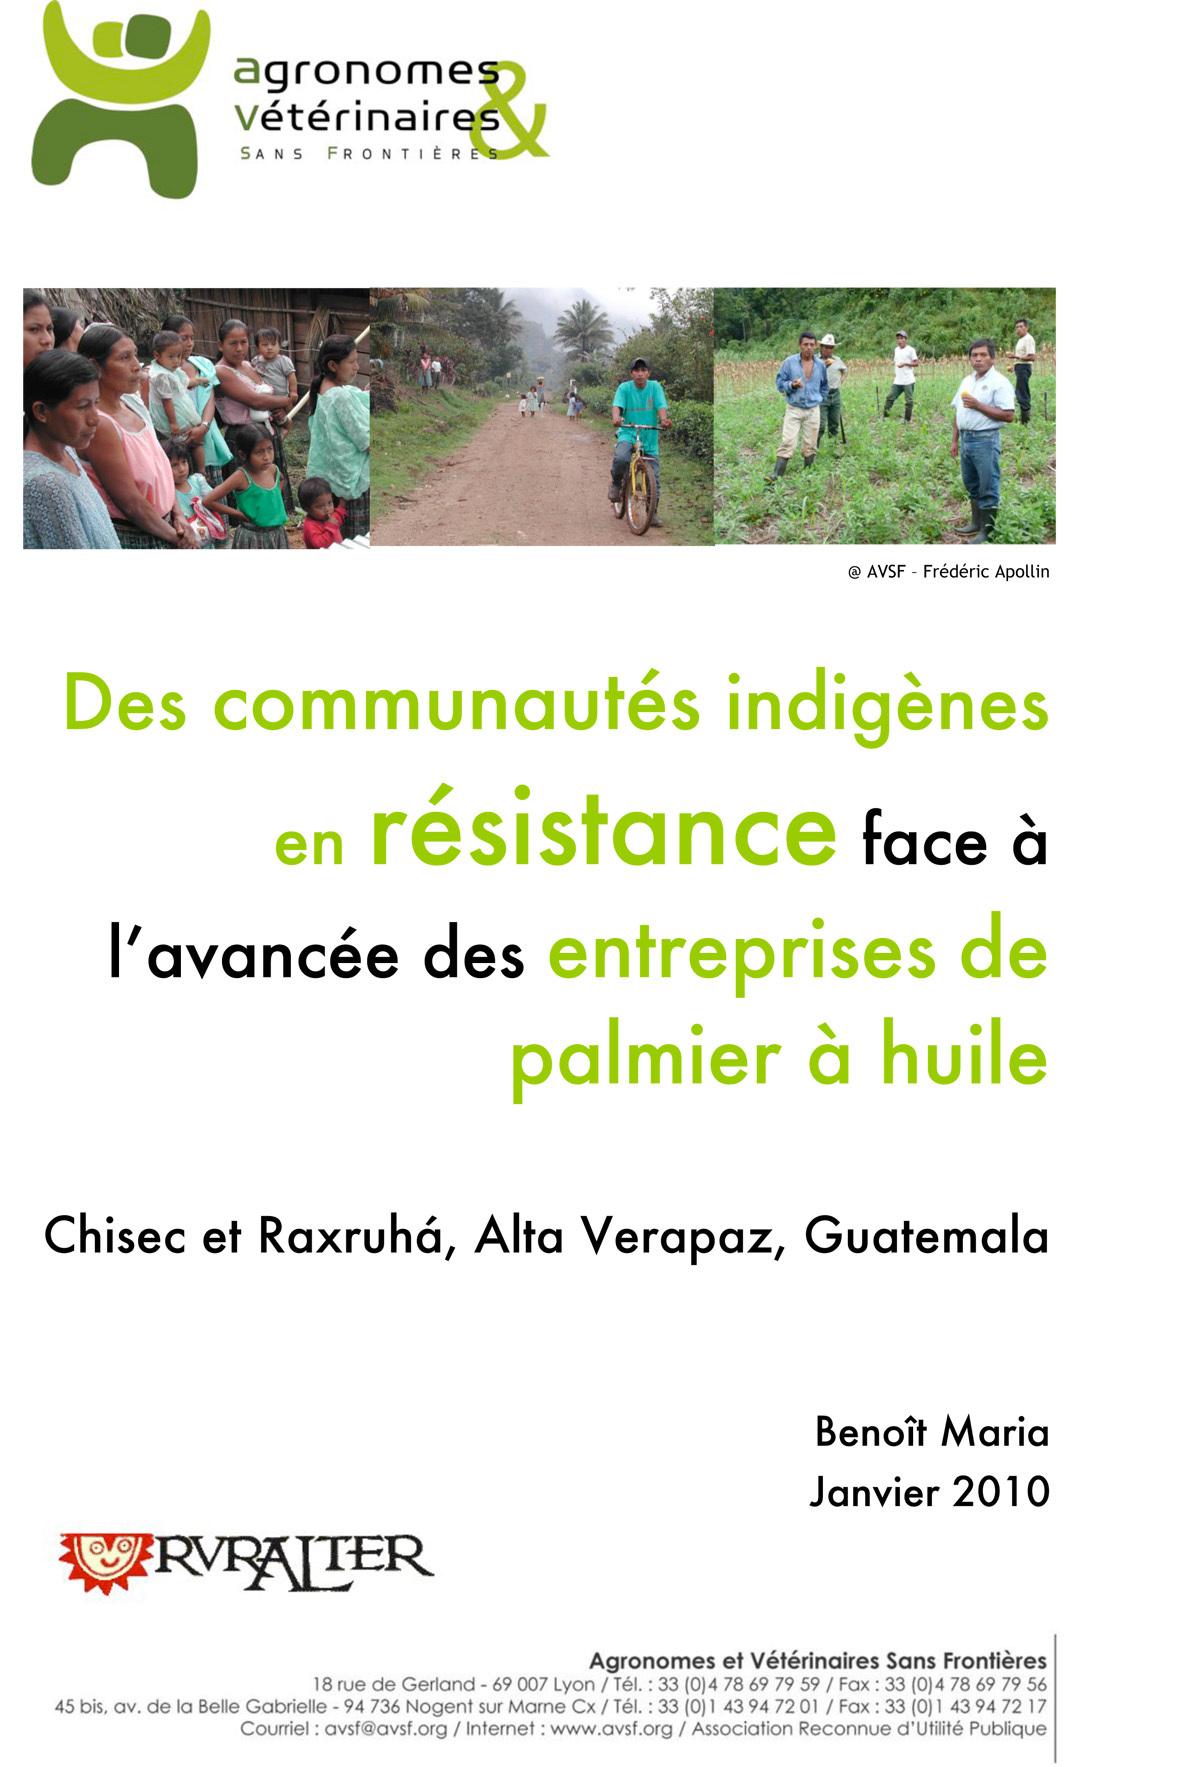 PDF Preview - Des communautés indigènes en résistance face à l'avancée des entreprises de palmiers à huile au Guatemala